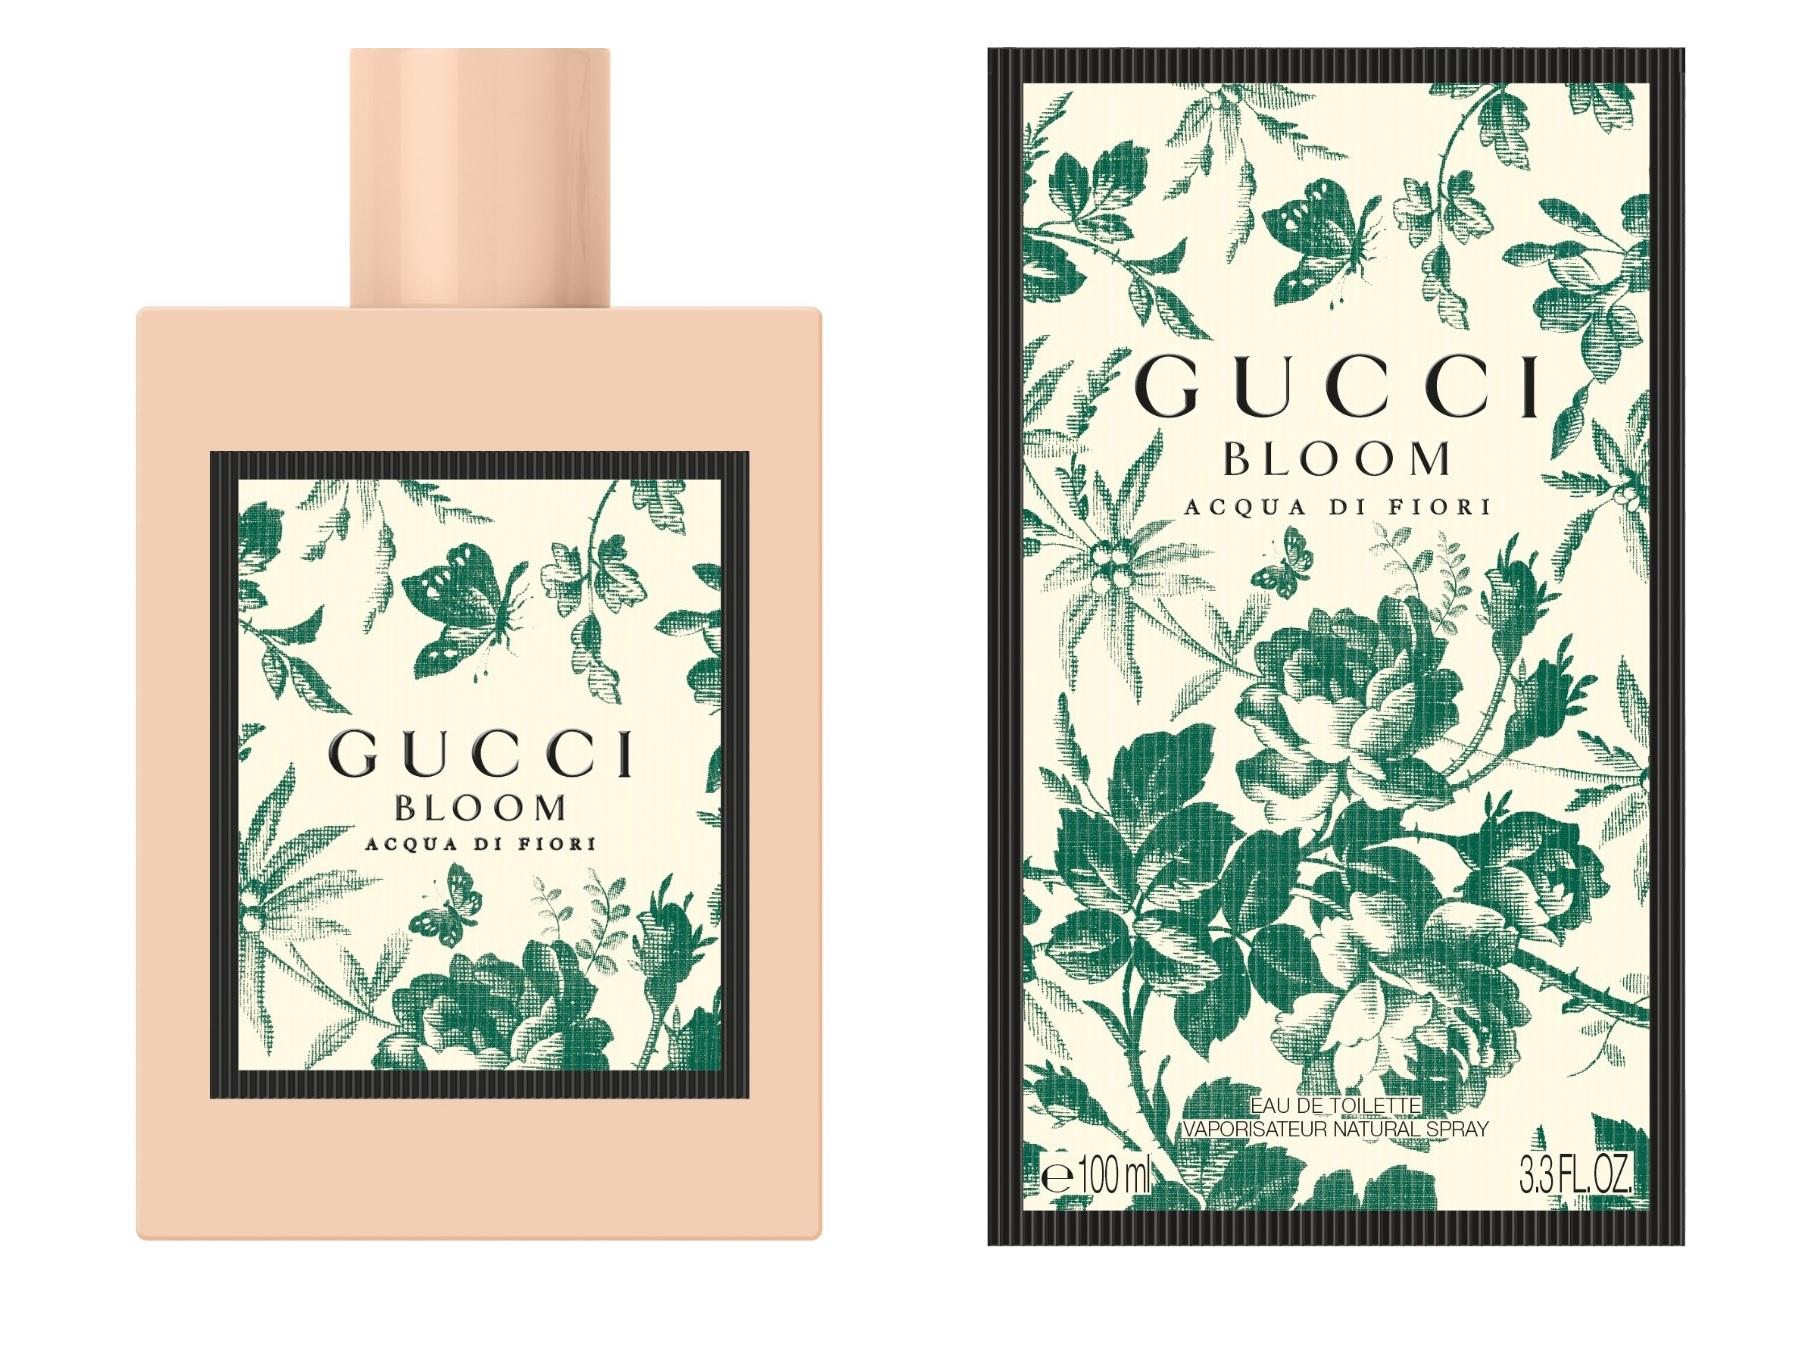 11d985845 Gucci Bloom Acqua Di Fiori الإصدار الجديد من غوتشي بلوم ~ إصدار جديد